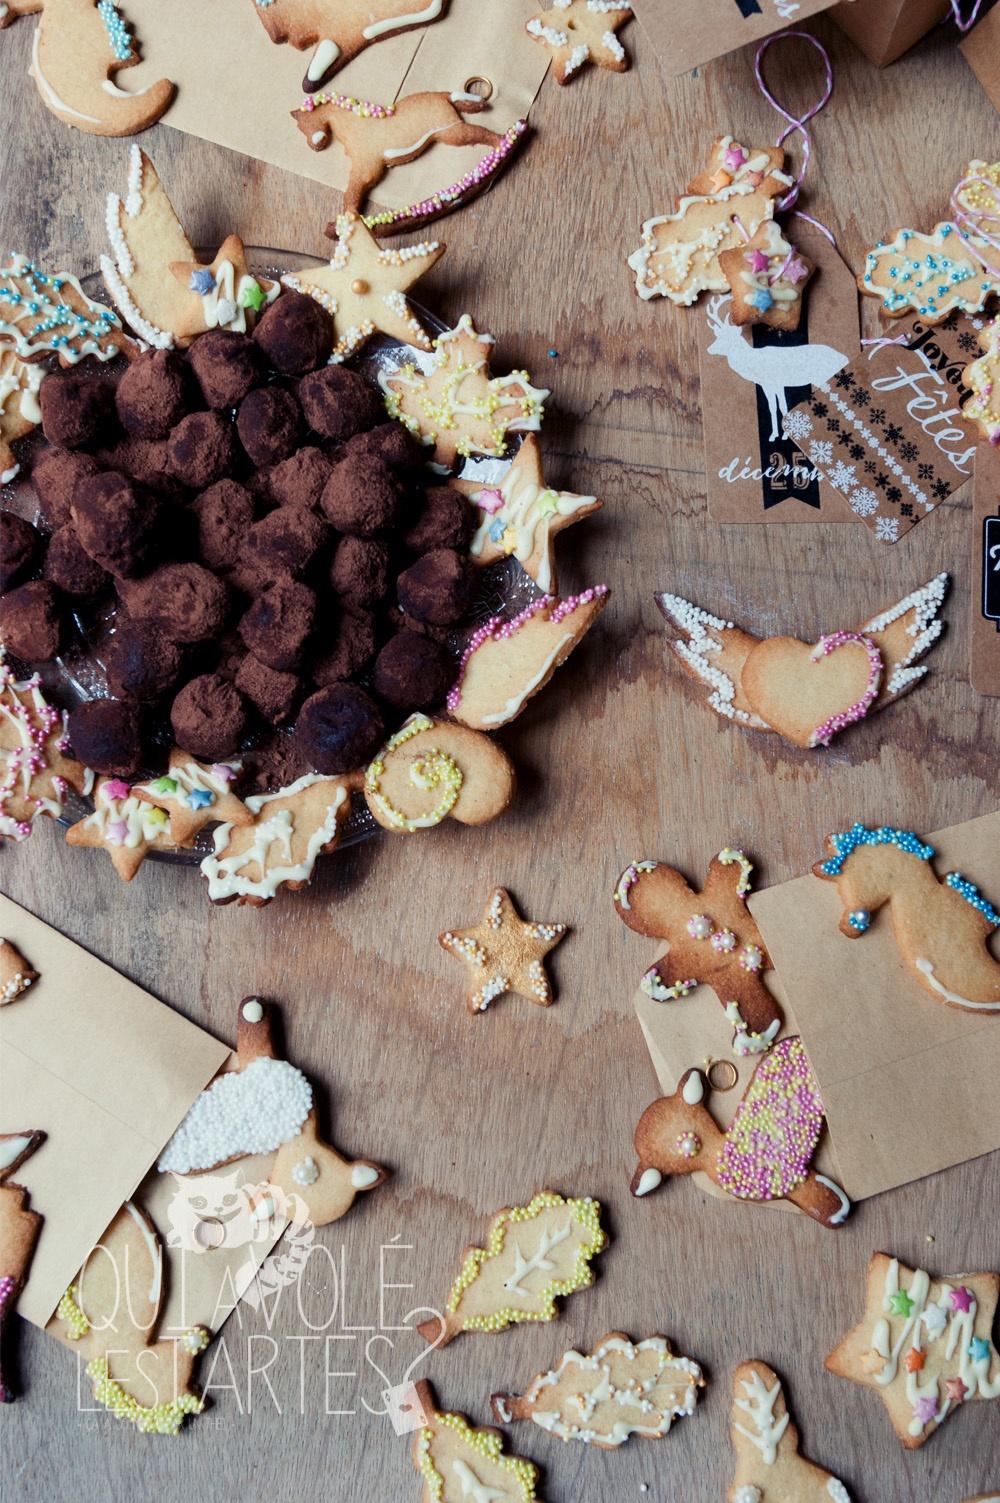 Cadeaux gourmands & couronne de Noel 4 - Studio 2 création - Qui a volé les tartes